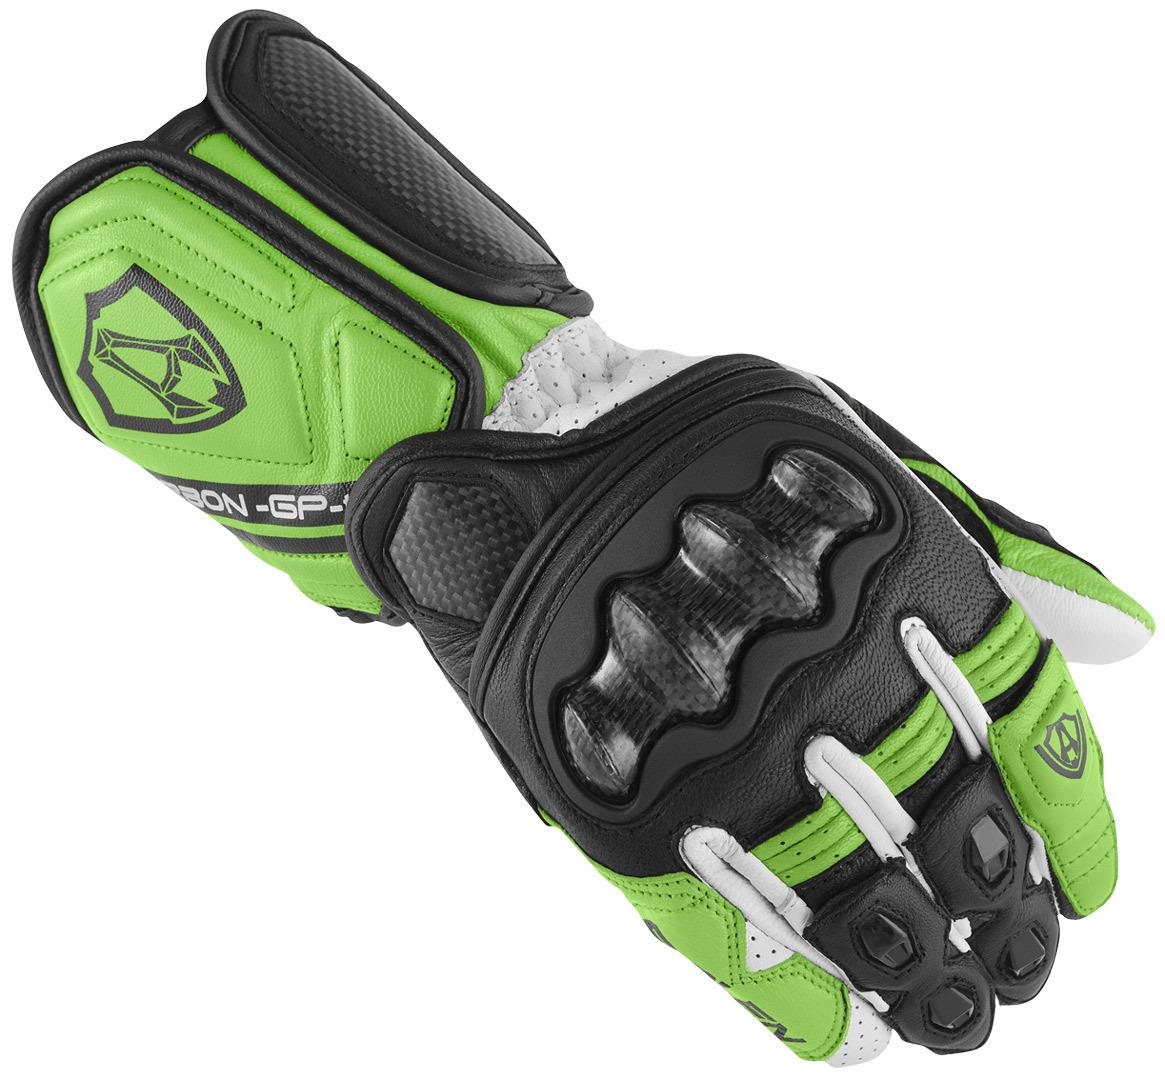 Arlen Ness RG-X Motorradhandschuhe, schwarz-weiss-grün, Größe 3XL, schwarz-weiss-grün, Größe 3XL